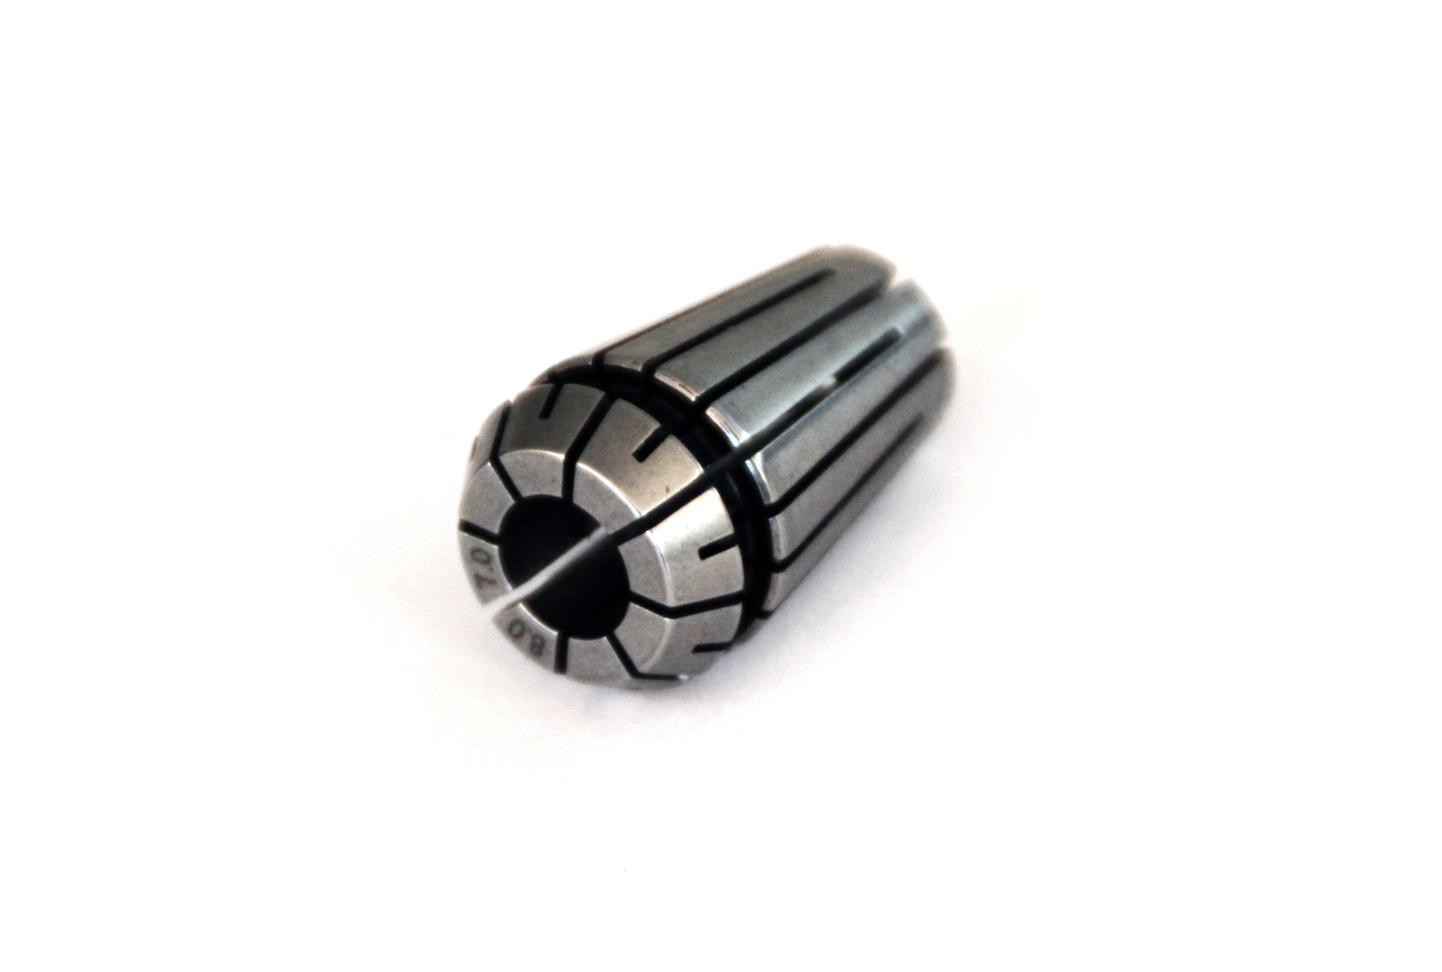 Spannzange ER40 472E DIN 6499 ISO 15488-B - verschiedene Durchmesser (A/B)